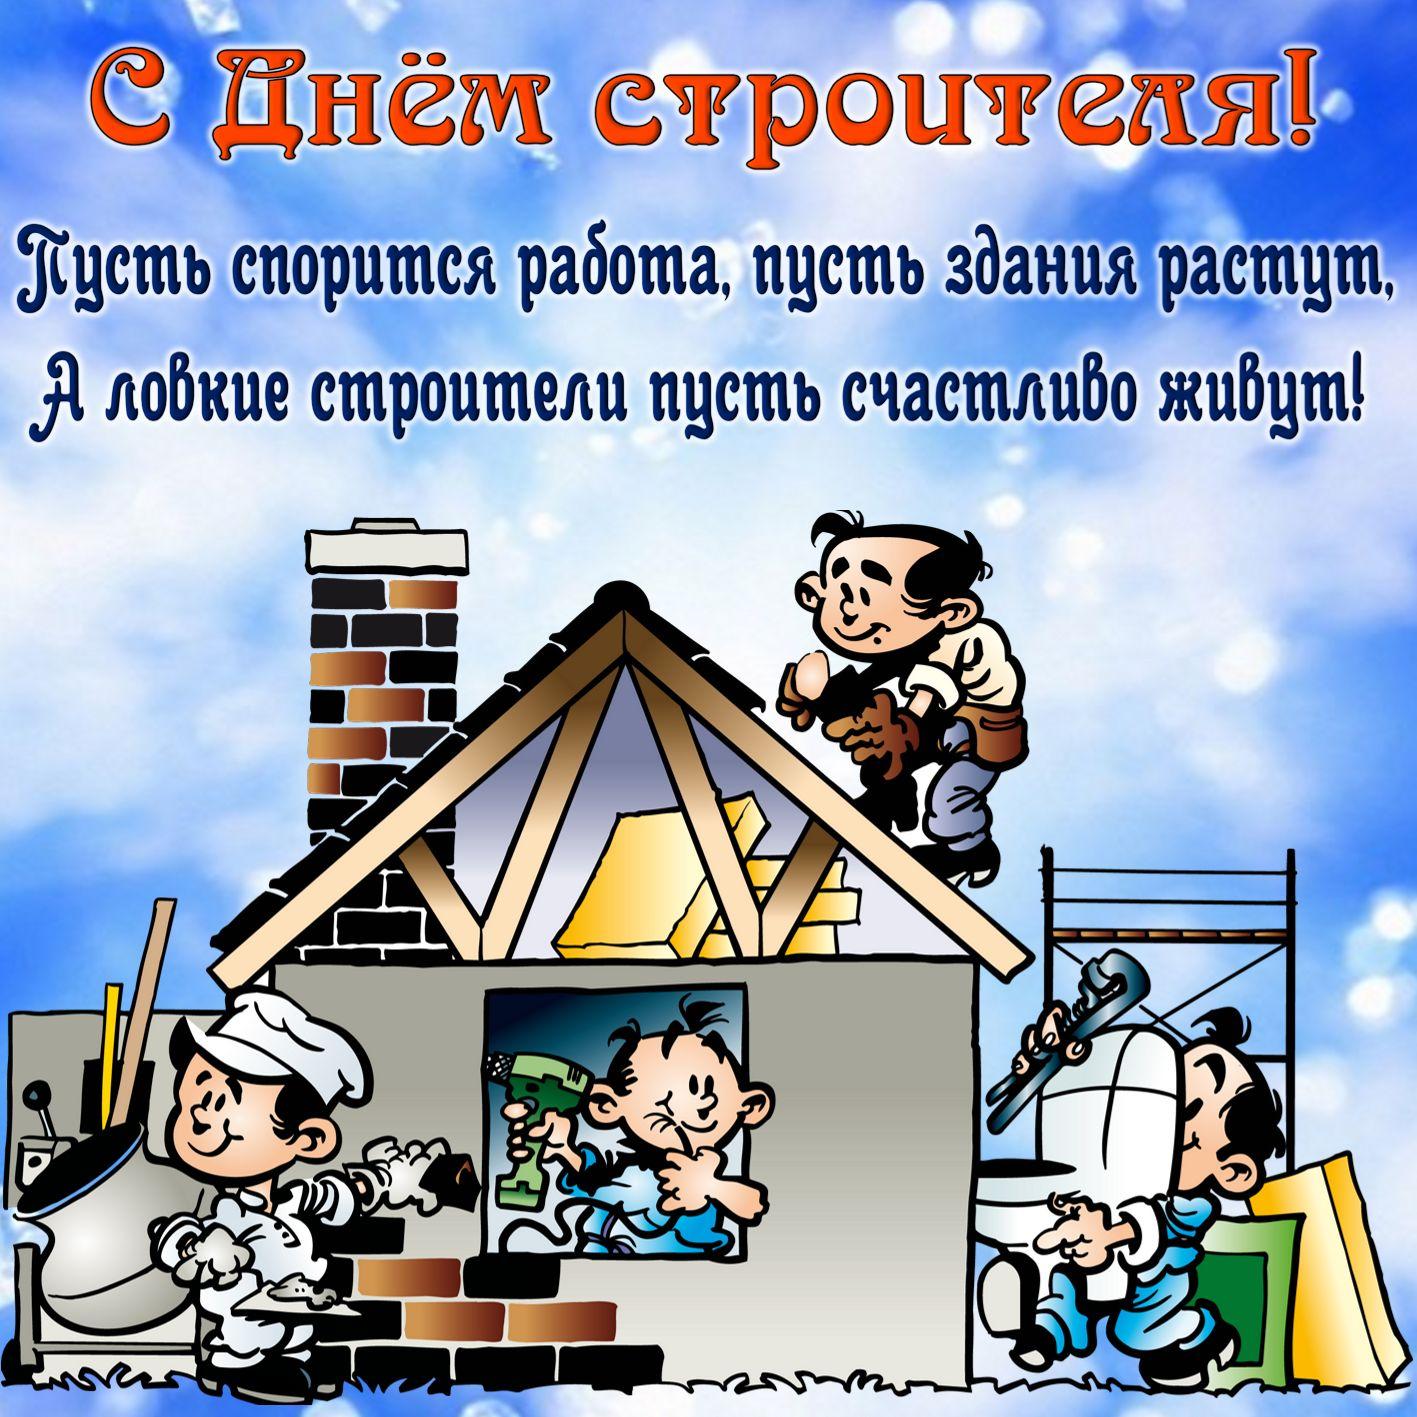 Мирного, юмористические картинки с днем строителя